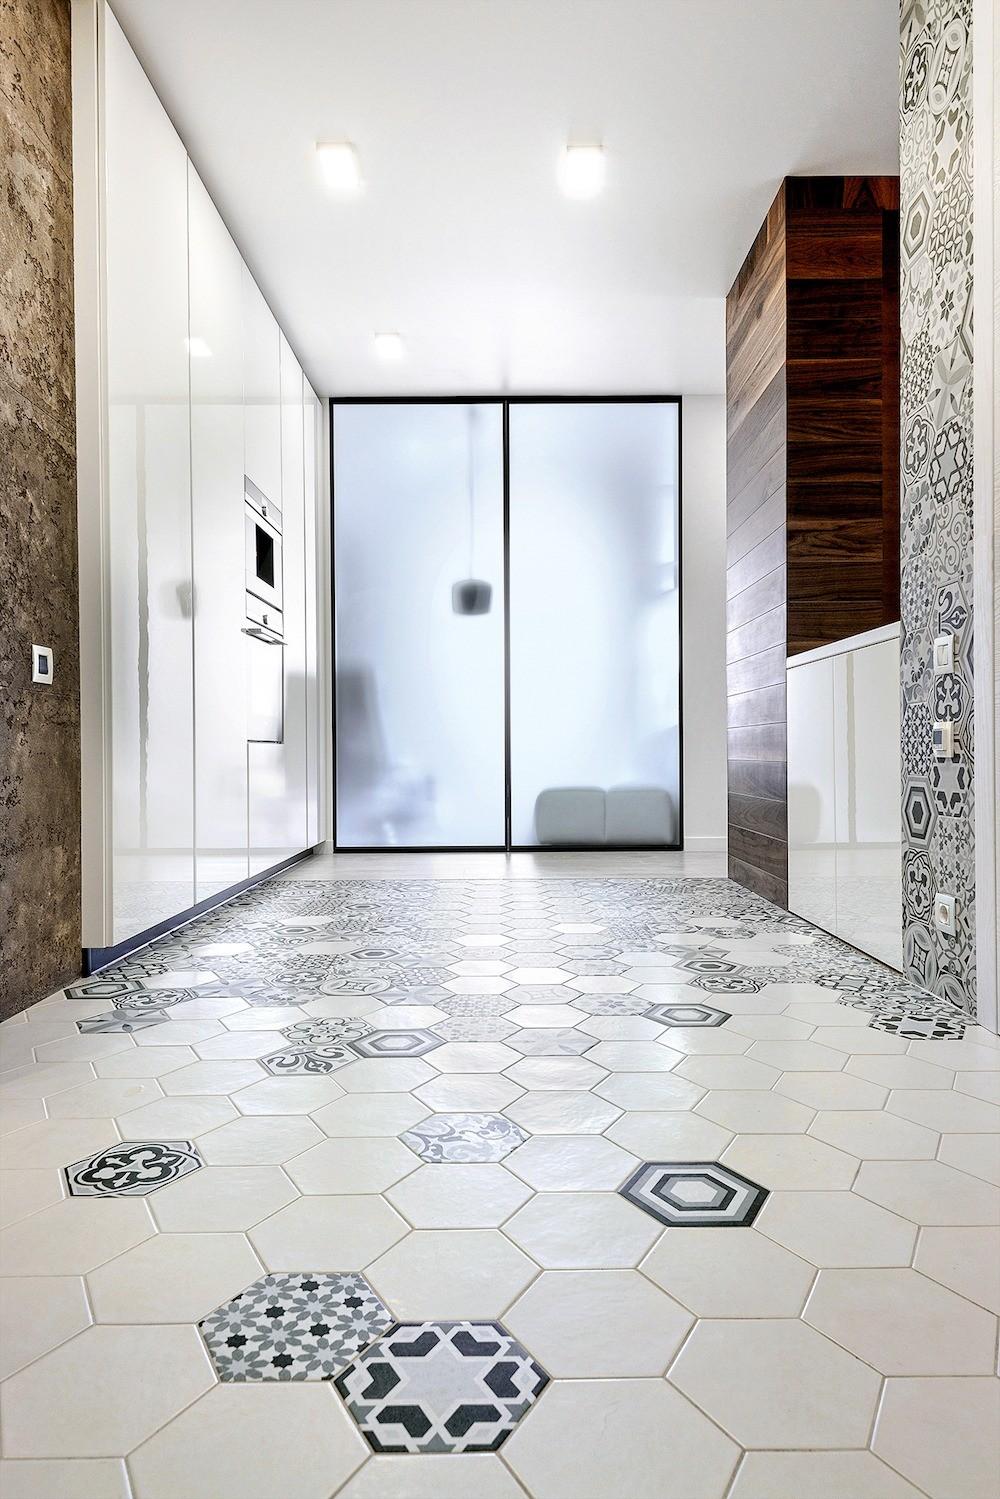 Плитка с графичными узорами украшает пол проходной зоны и один простенок, а также заднюю стену кухонной ниши, объединяя помещения ещё одним лейтмотивом. Светопроницаемые двери способствую...